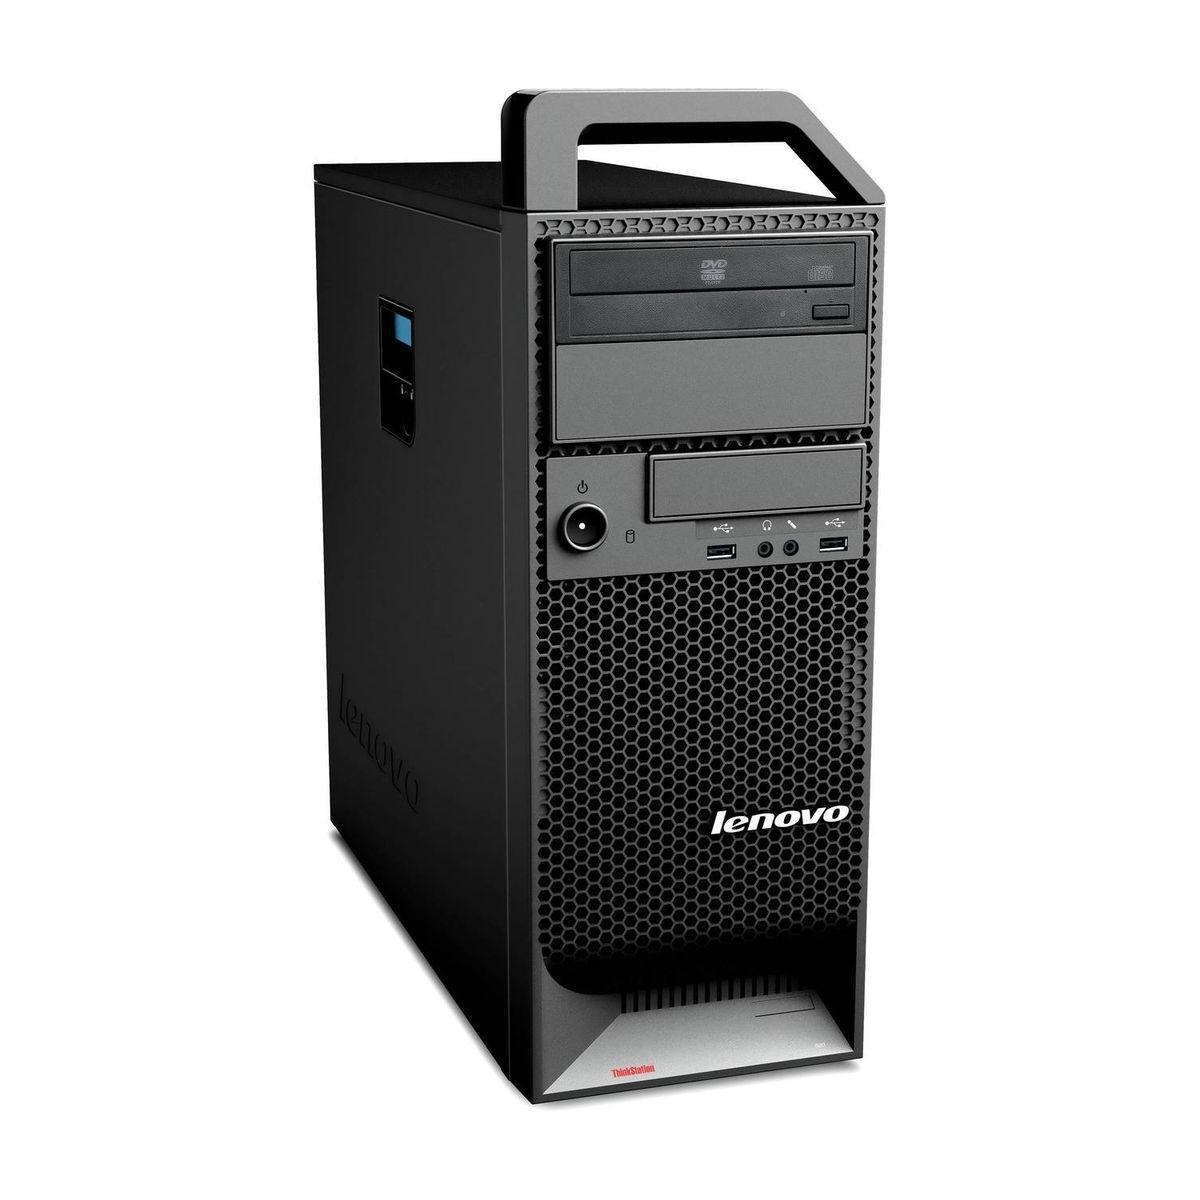 DYSK DELL 300GB SAS 15K 6G 3,5 0X150K X150K